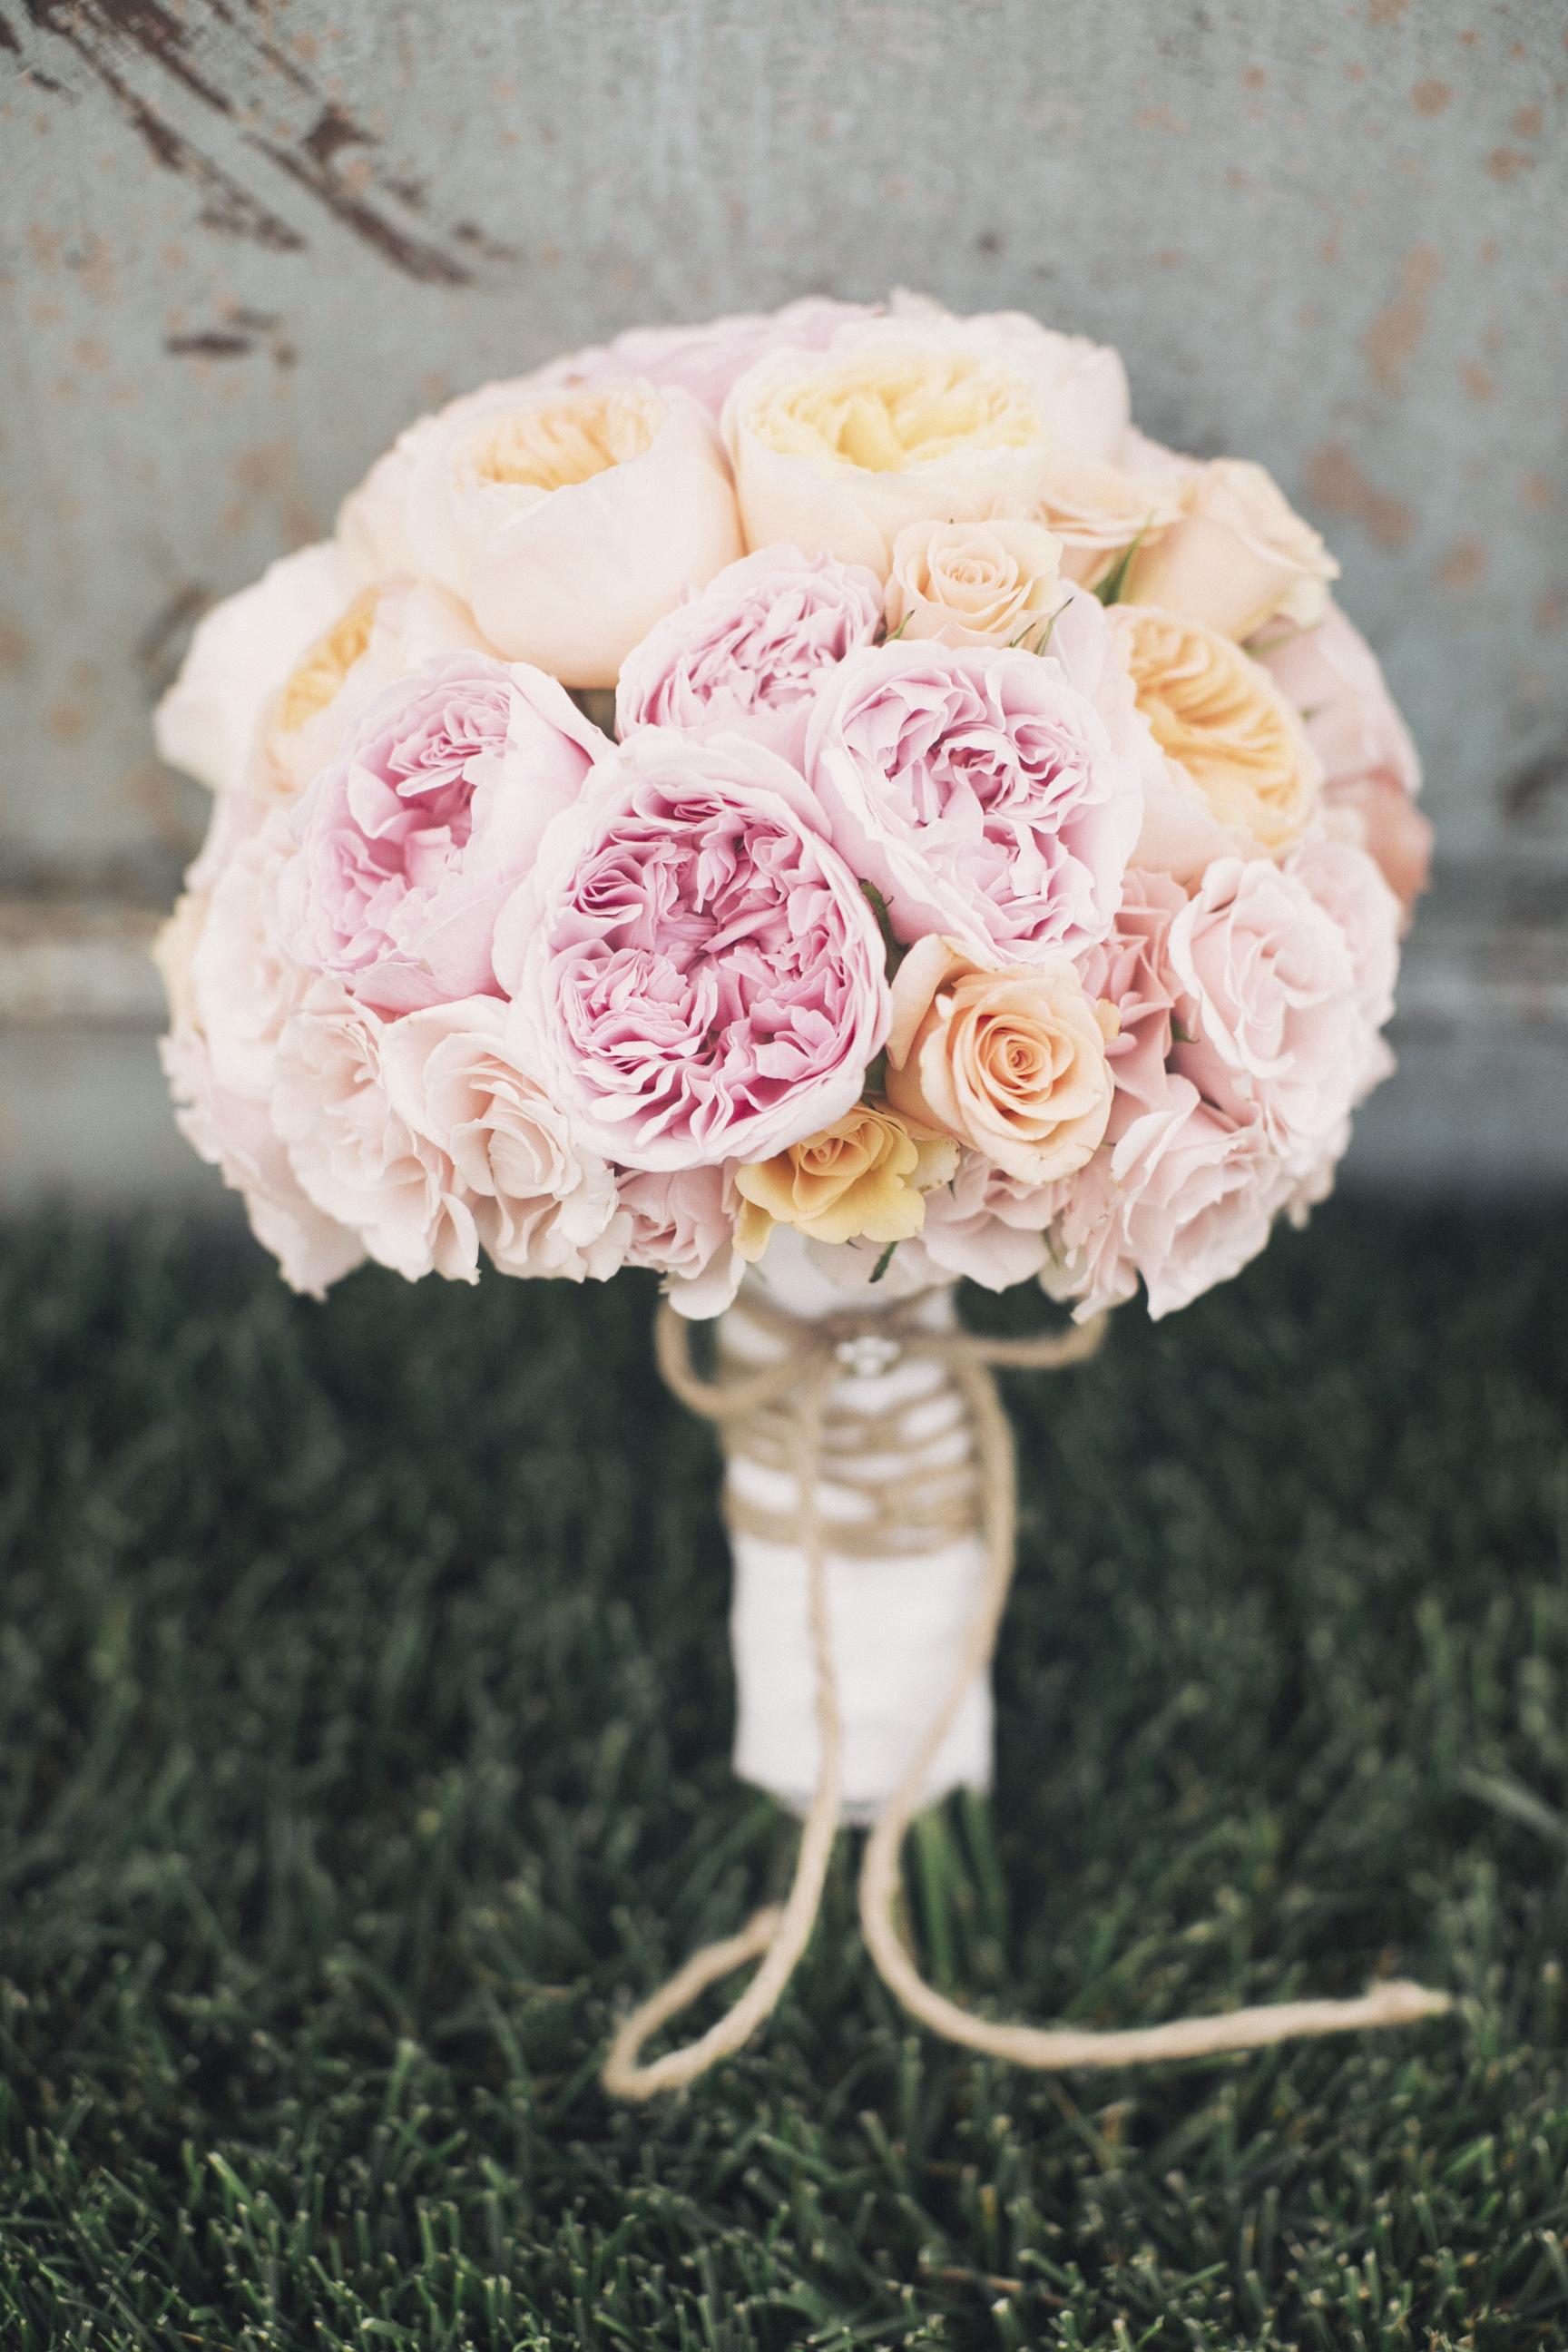 The best summer wedding bouquets huffpost life 2015 08 25 1440517291 1505494 hiddengardenflowersfocusphotographyg izmirmasajfo